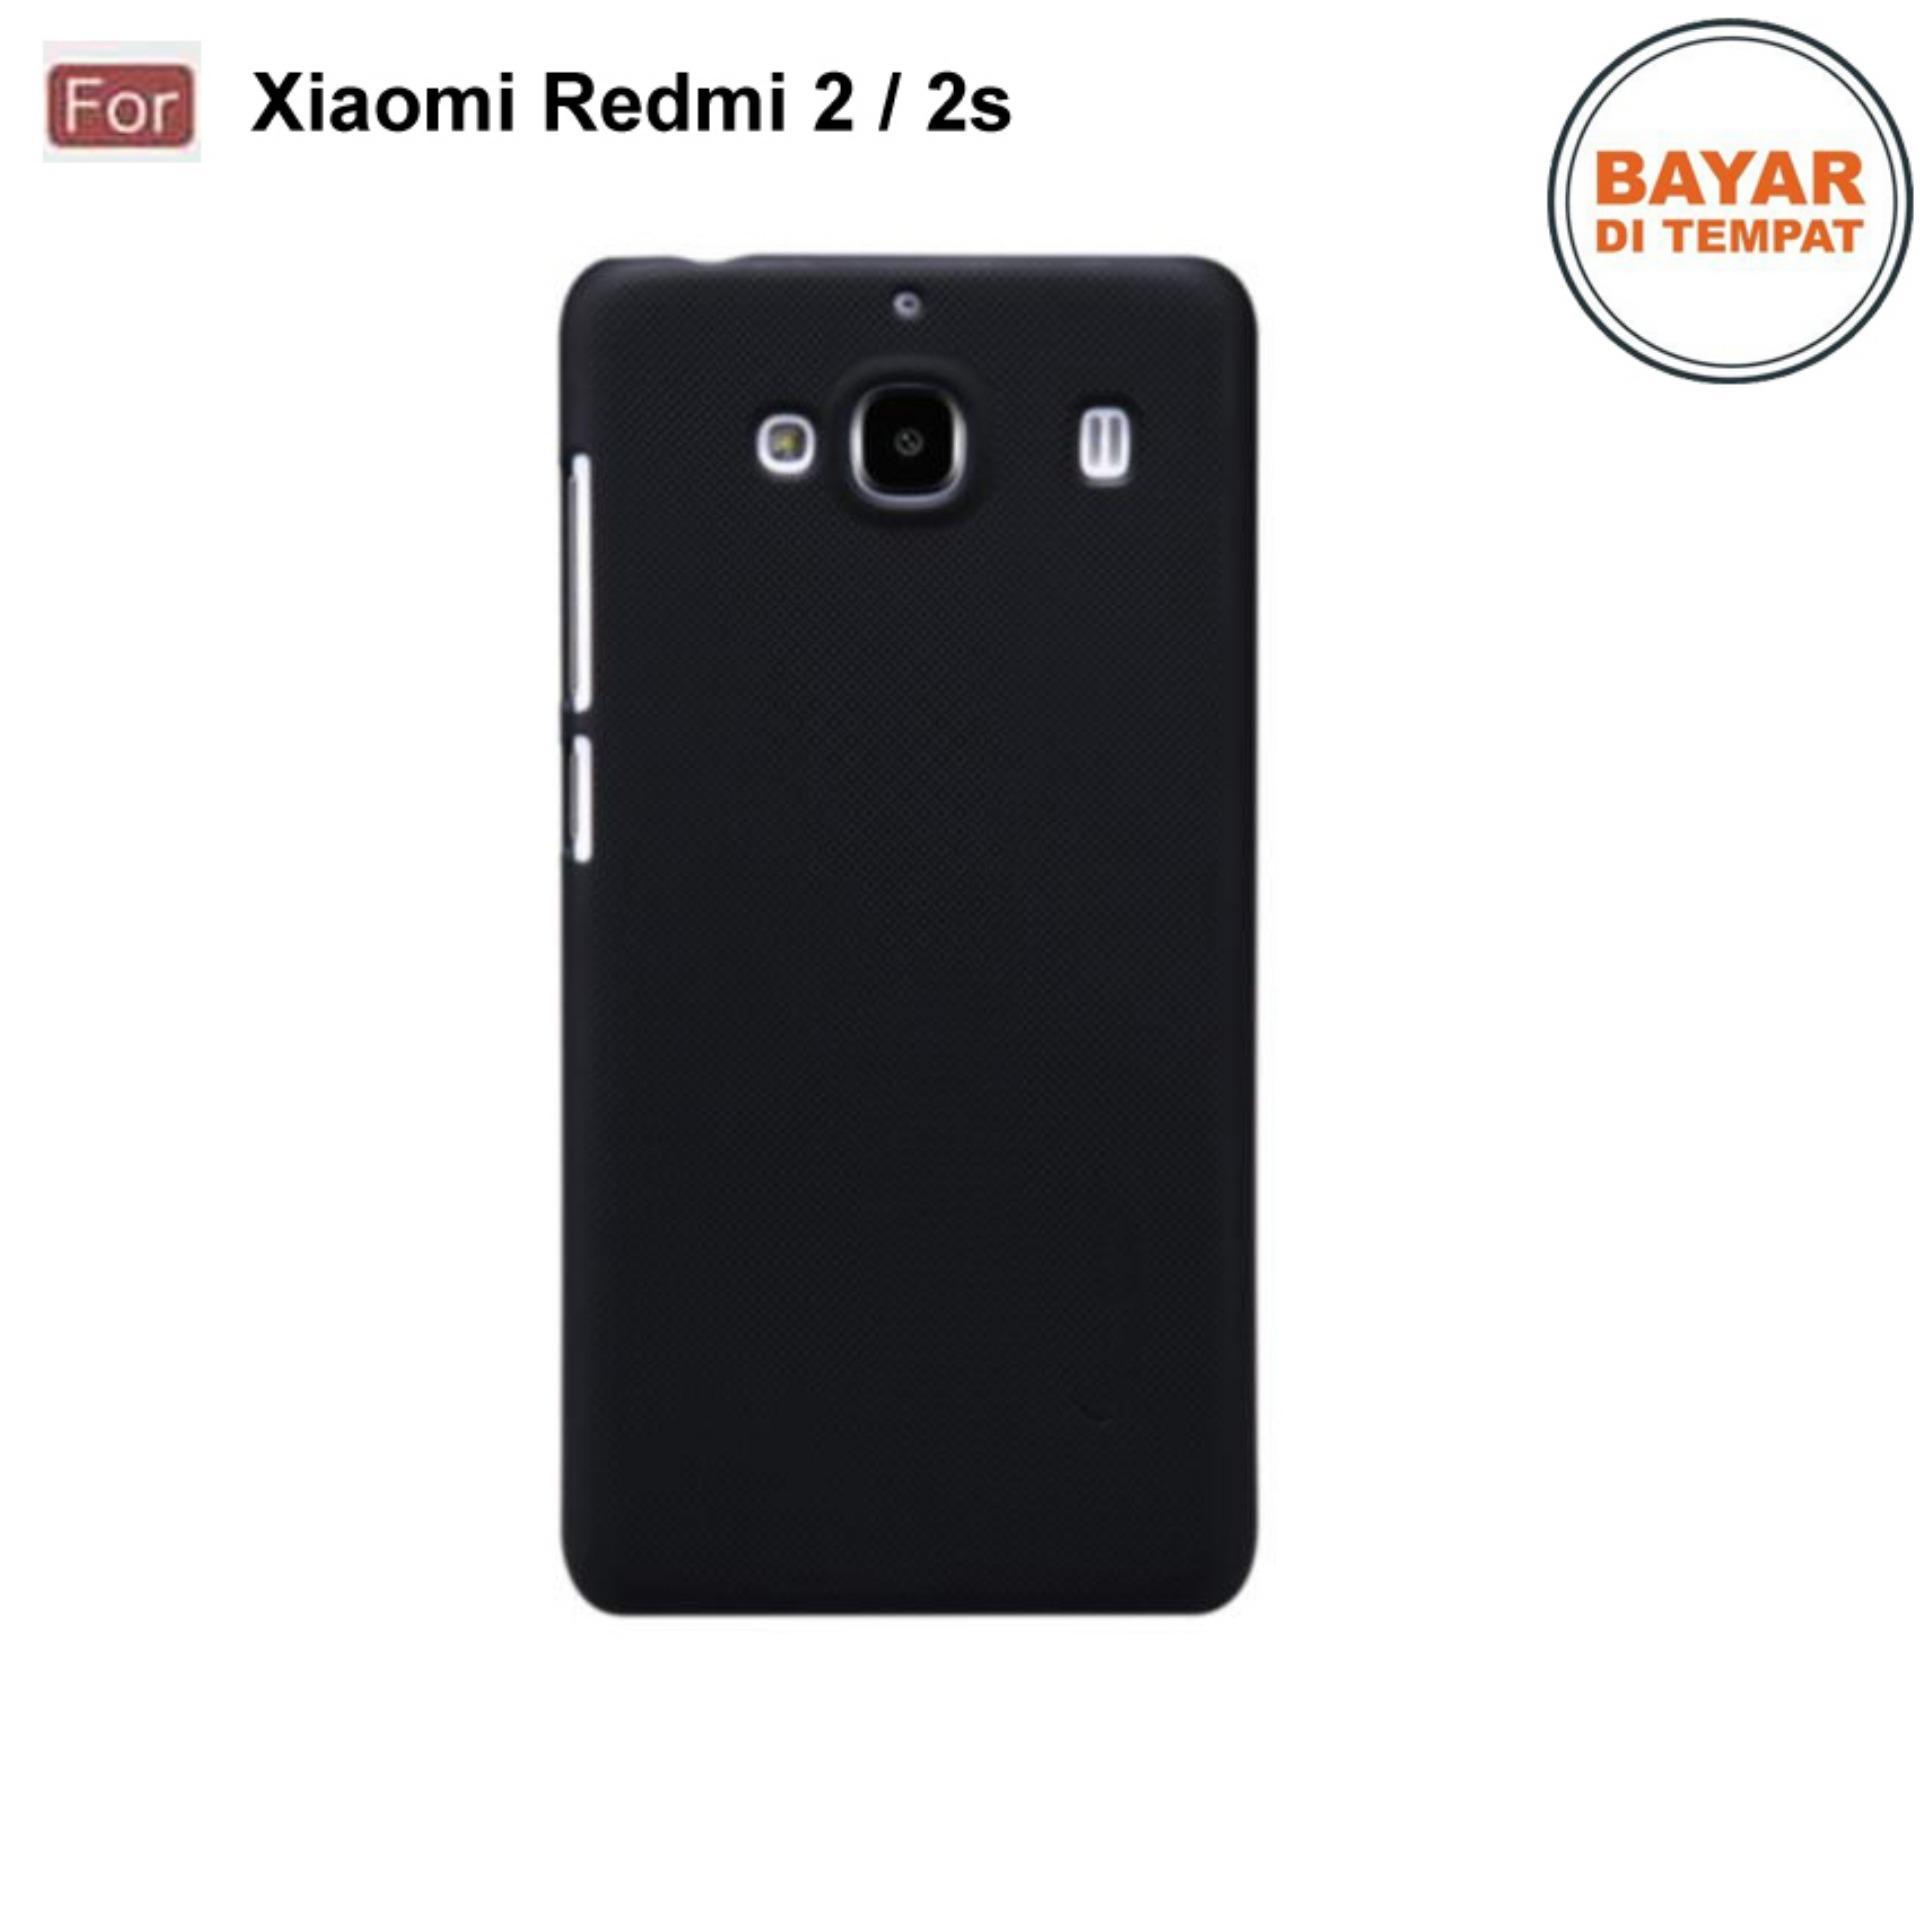 Case Baby skin elegant softcase ultraslim Casing Handphone Xiaomi Redmi 2 / 2s / 2 prime